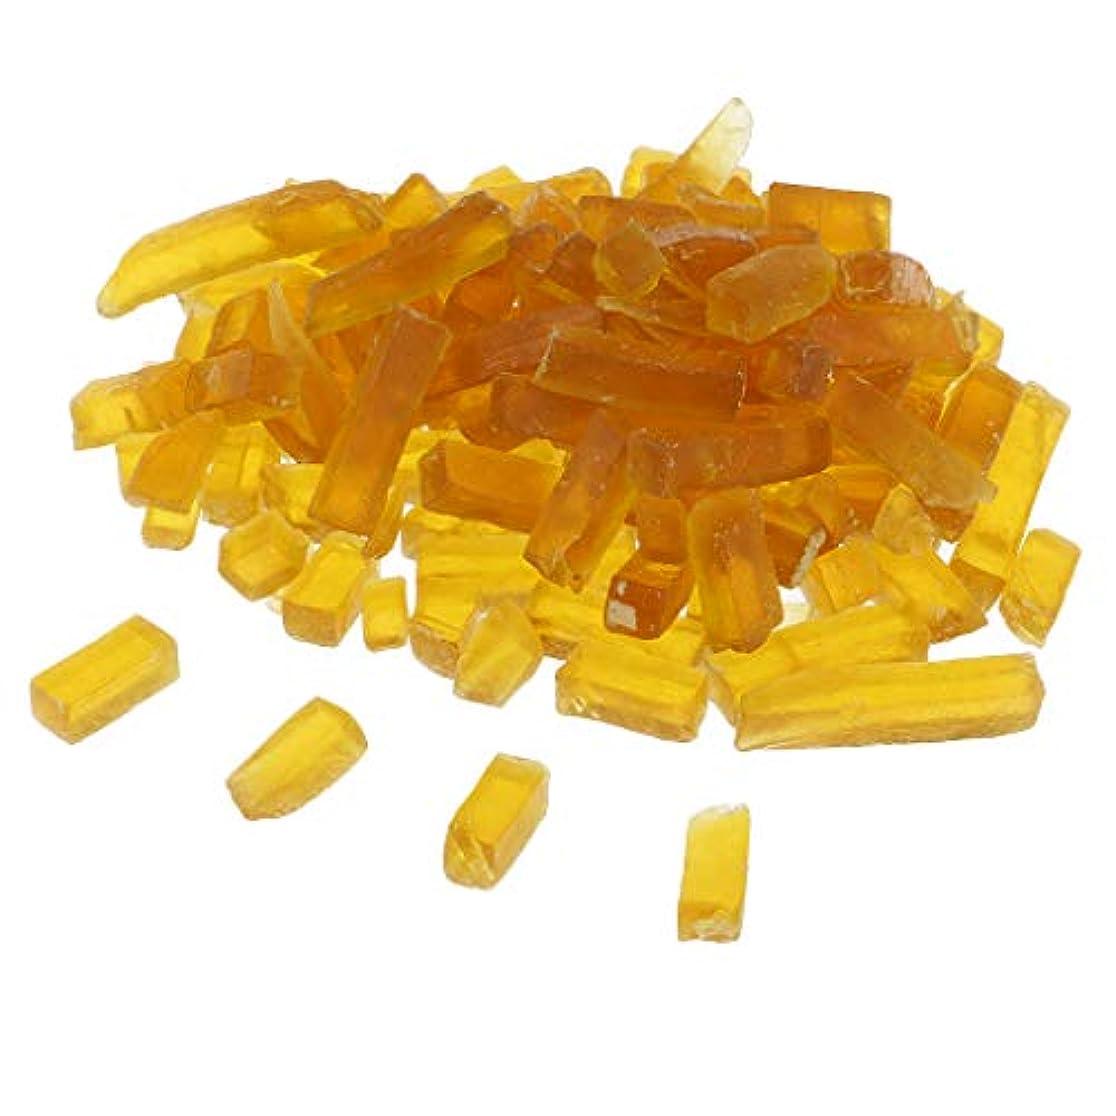 日焼けロイヤリティできれば溶融植物 ソープベース 石鹸用 天然植物 石鹸 石けん素地 250g イエロー